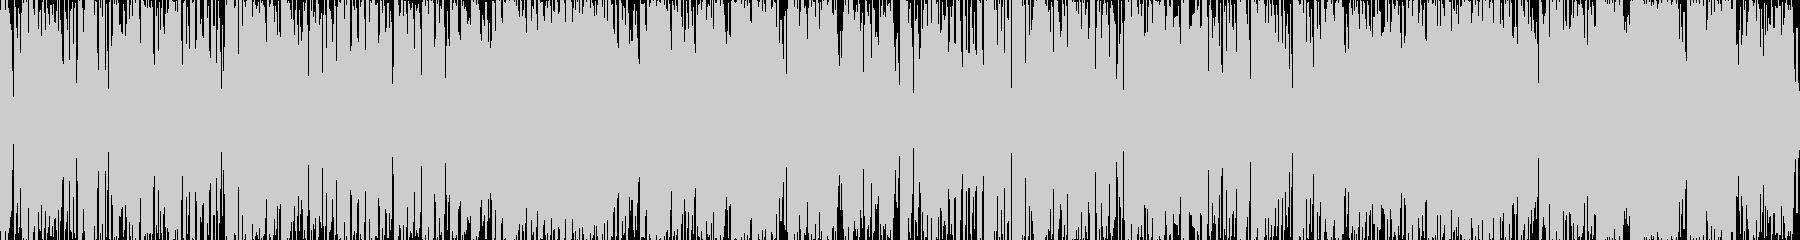 軽快なエレクトロです。日本語をドイツ語…の未再生の波形